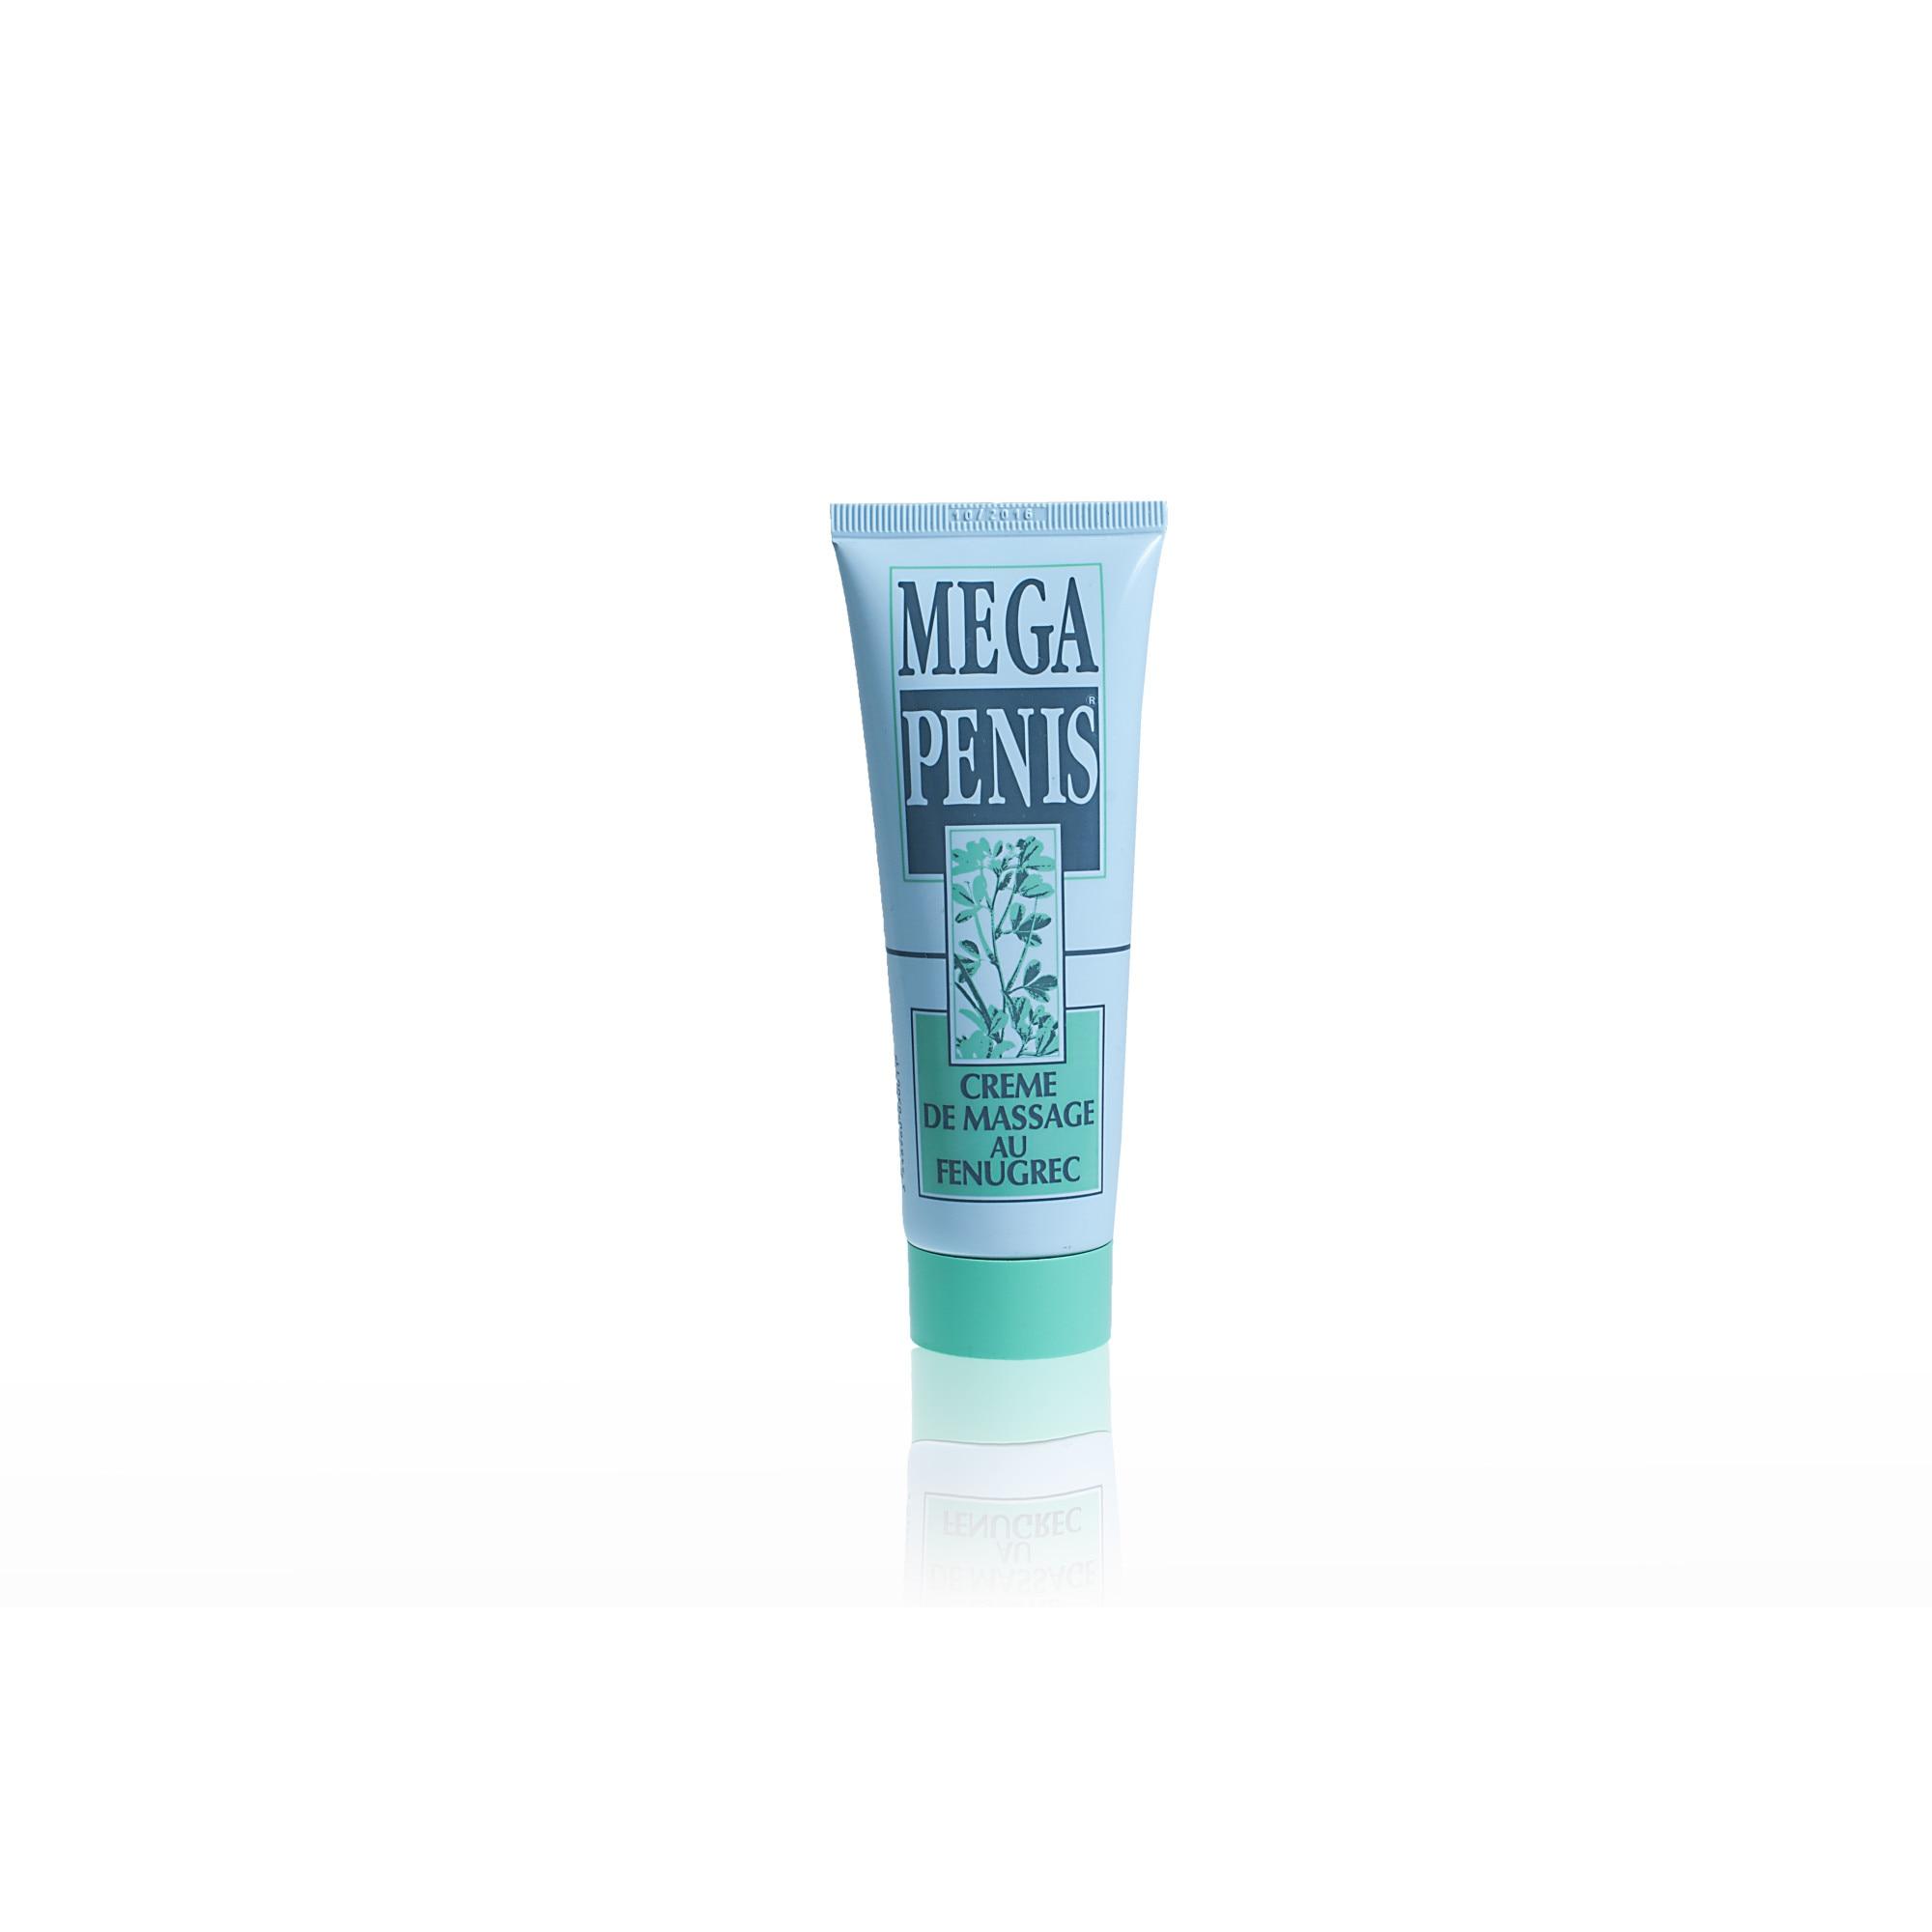 RUF MEGA PENIS - 75 ml - 1 Ft - Jó potencianövelők készl